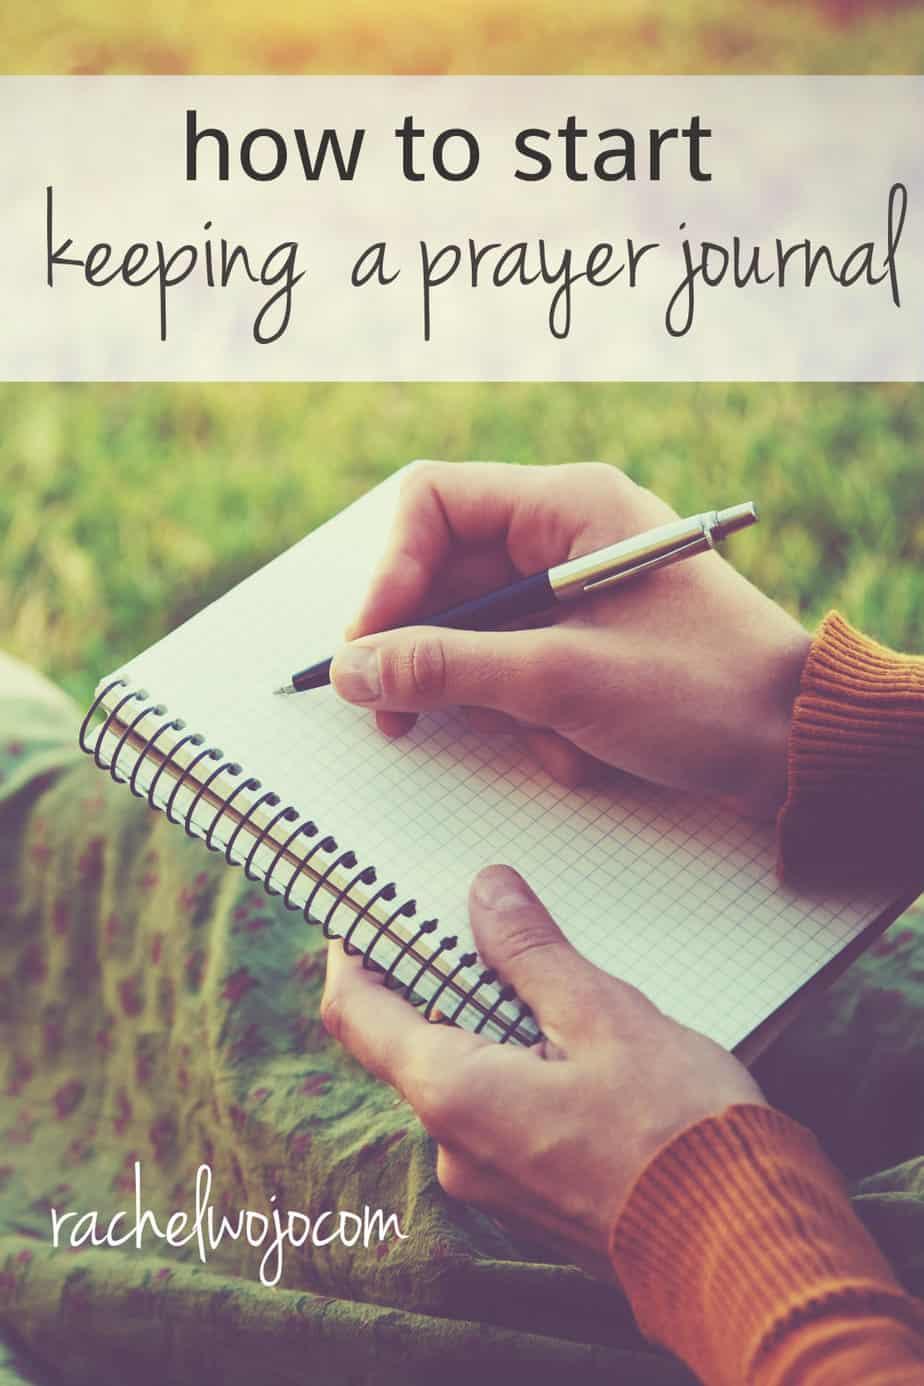 How To Start Keeping A Prayer Journal